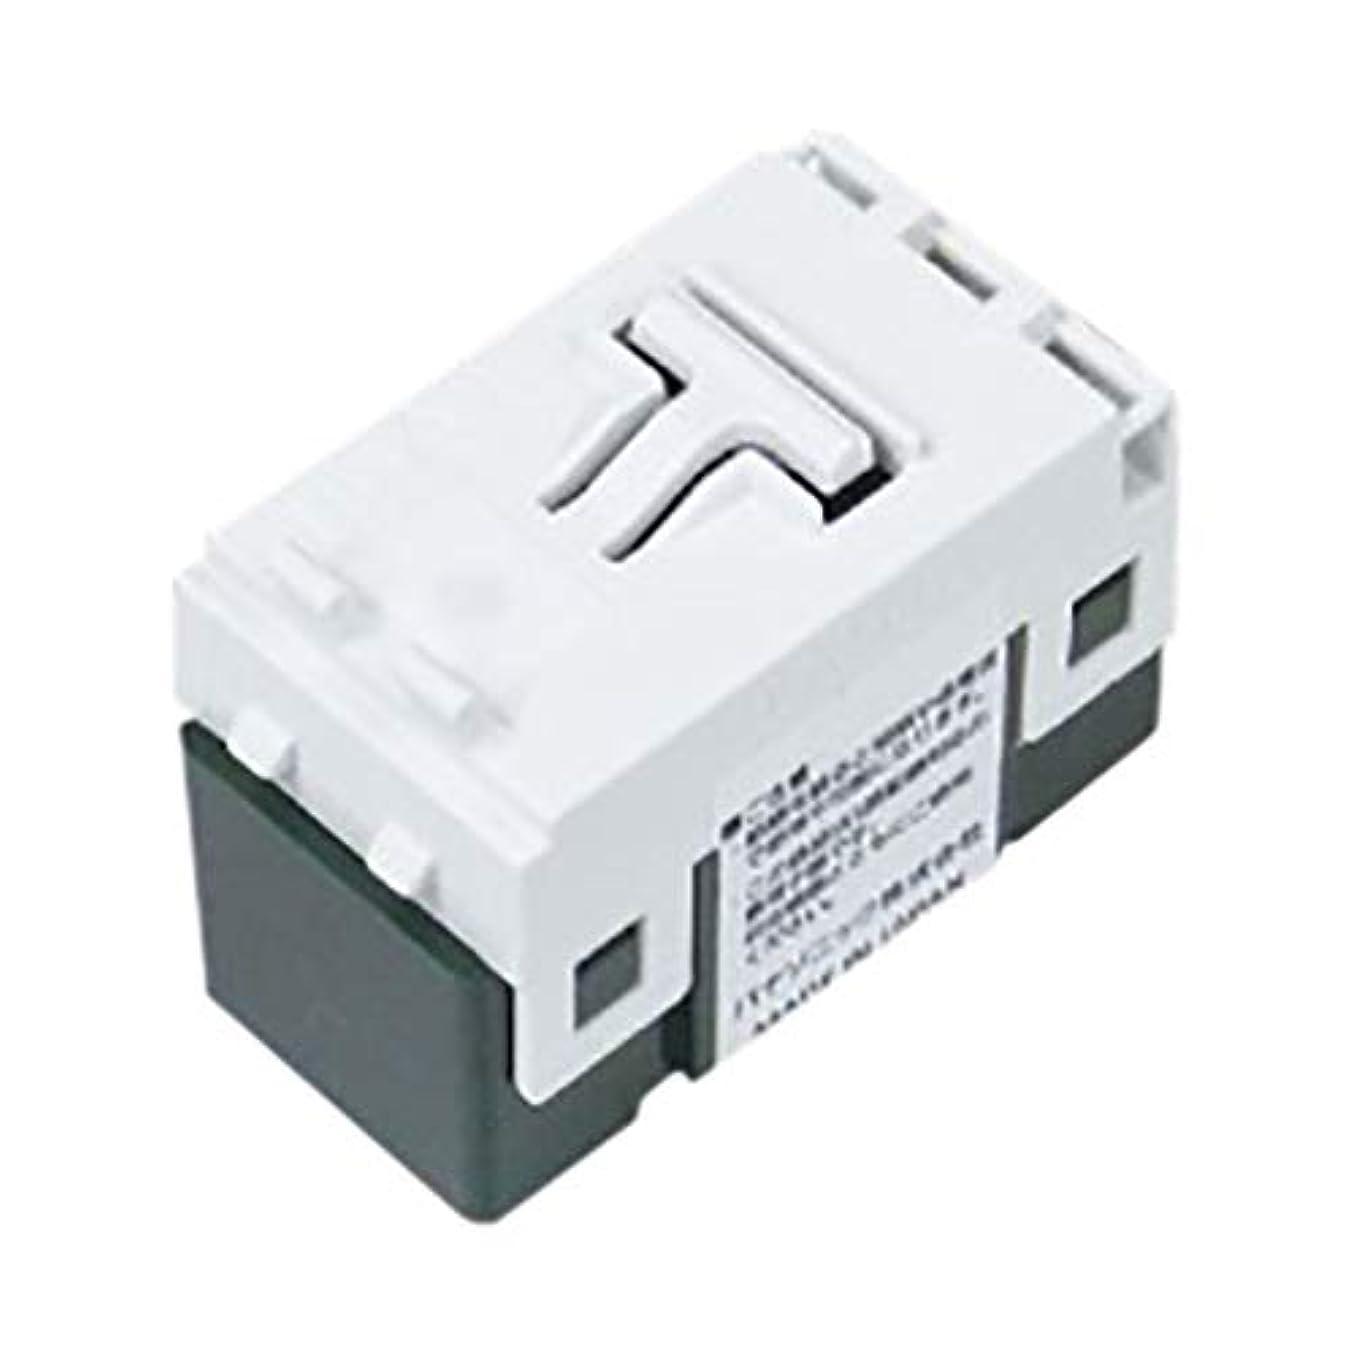 合図縮約喜劇パナソニック 埋込電子ほたるスイッチ 子器?3路配線対応形 WT56520